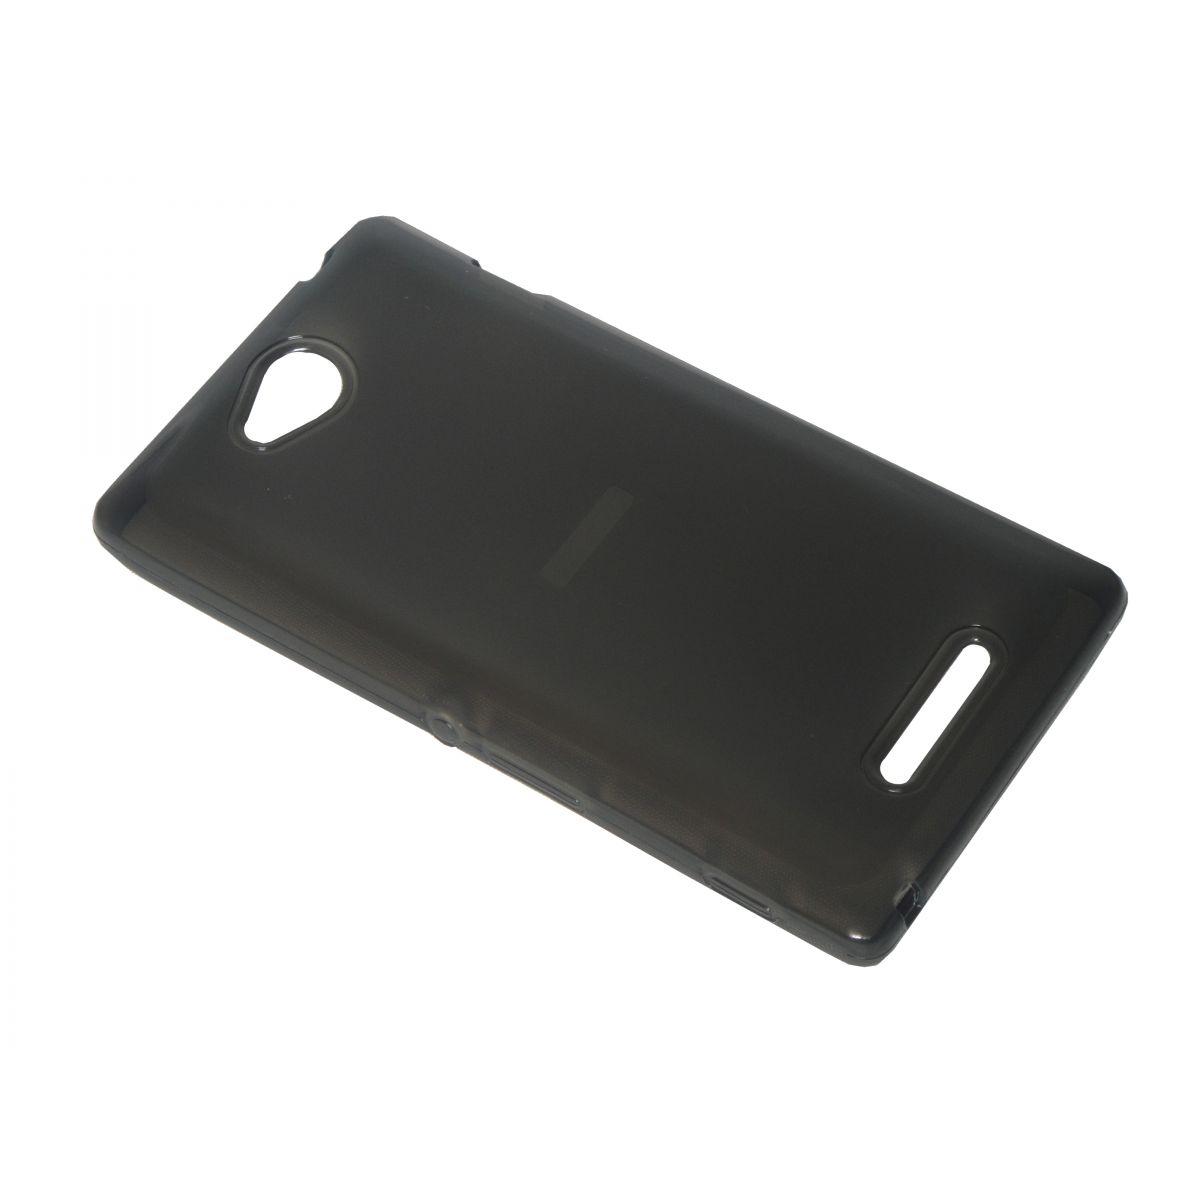 Capa TPU Grafite Sony Xperia C C2304 C2305 S39H + Pelicula Flexível